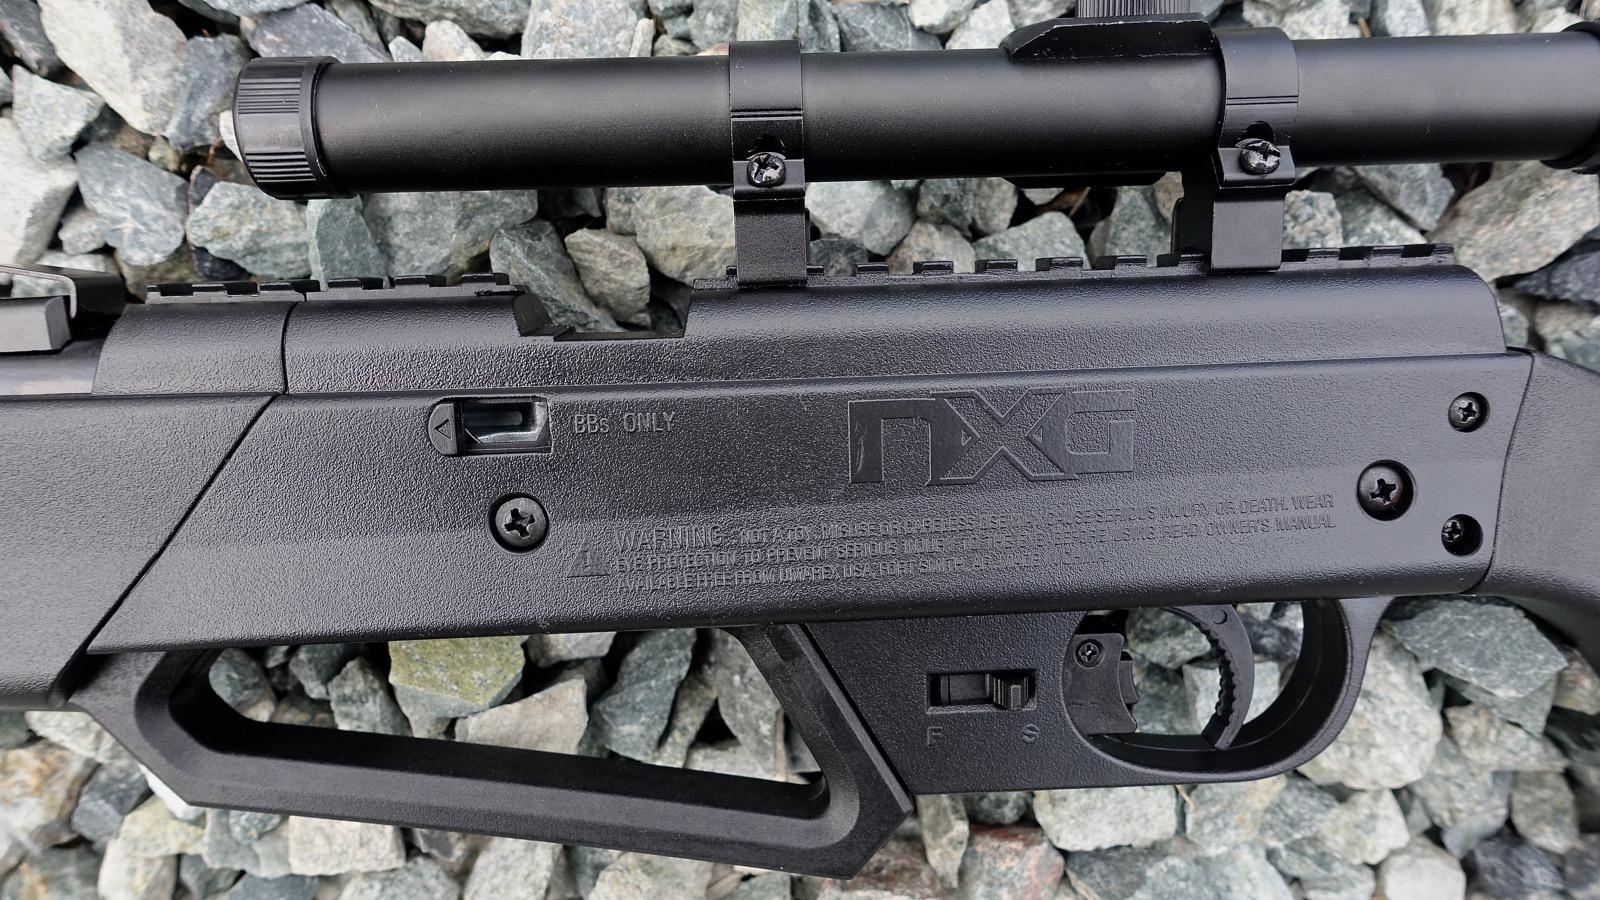 Umarex NXG APX Left Side Close.jpg